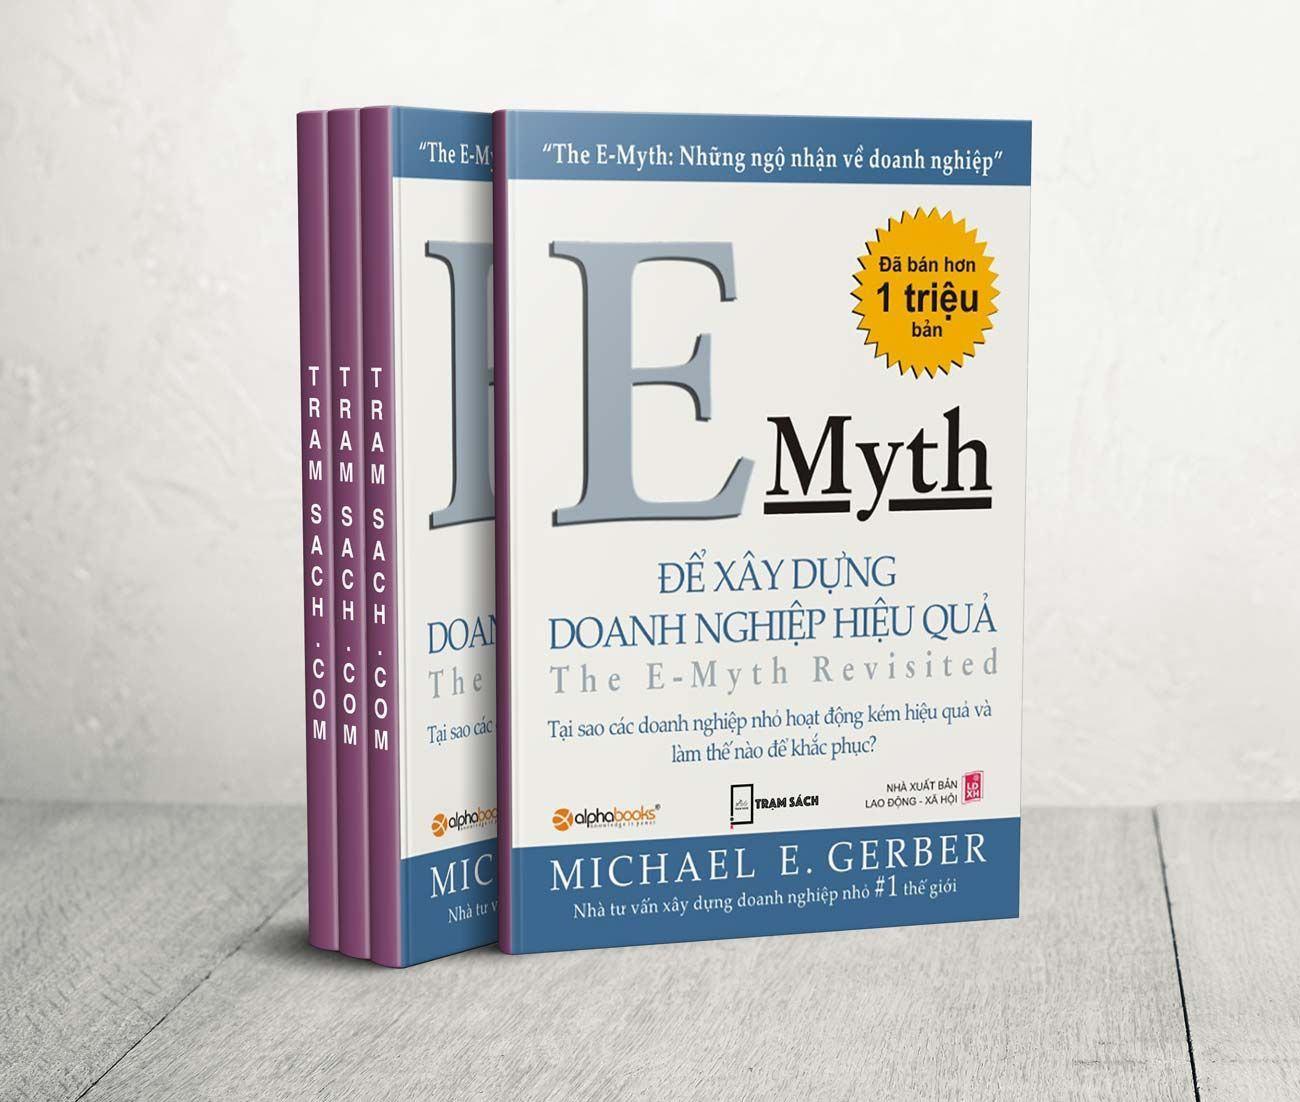 Review sách Để xây dựng doanh nghiệp hiệu quả của Michael E. Gerber - Rút  Gọn Link Miễn Phí - Nền Tảng Online Chia Sẻ Links Rút Gọn Tốt Nhất Việt Nam